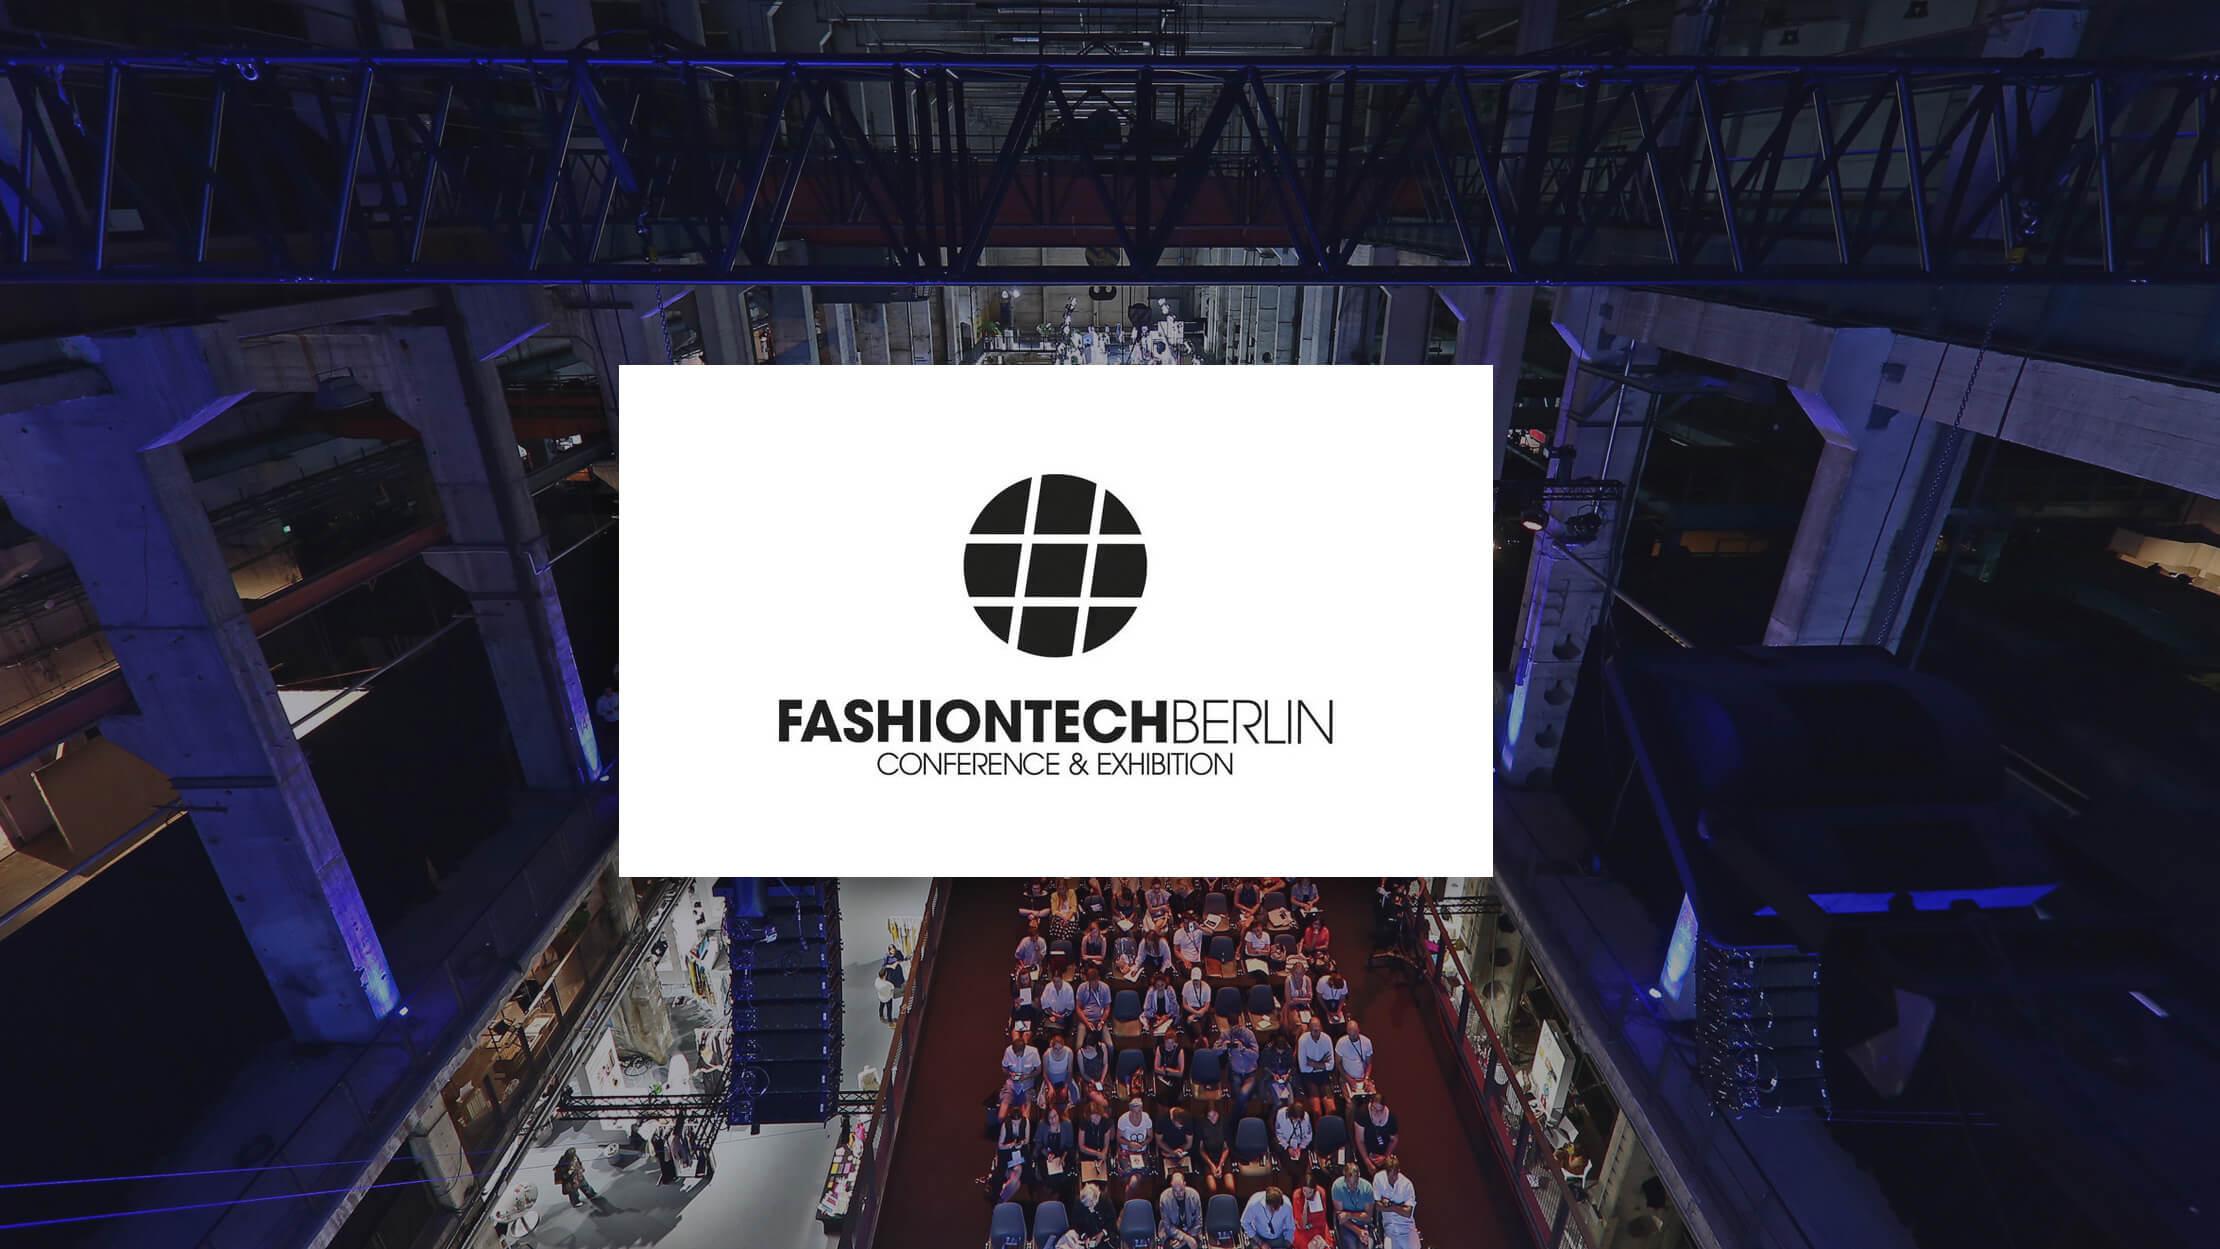 Fashiontech Berlin 2019